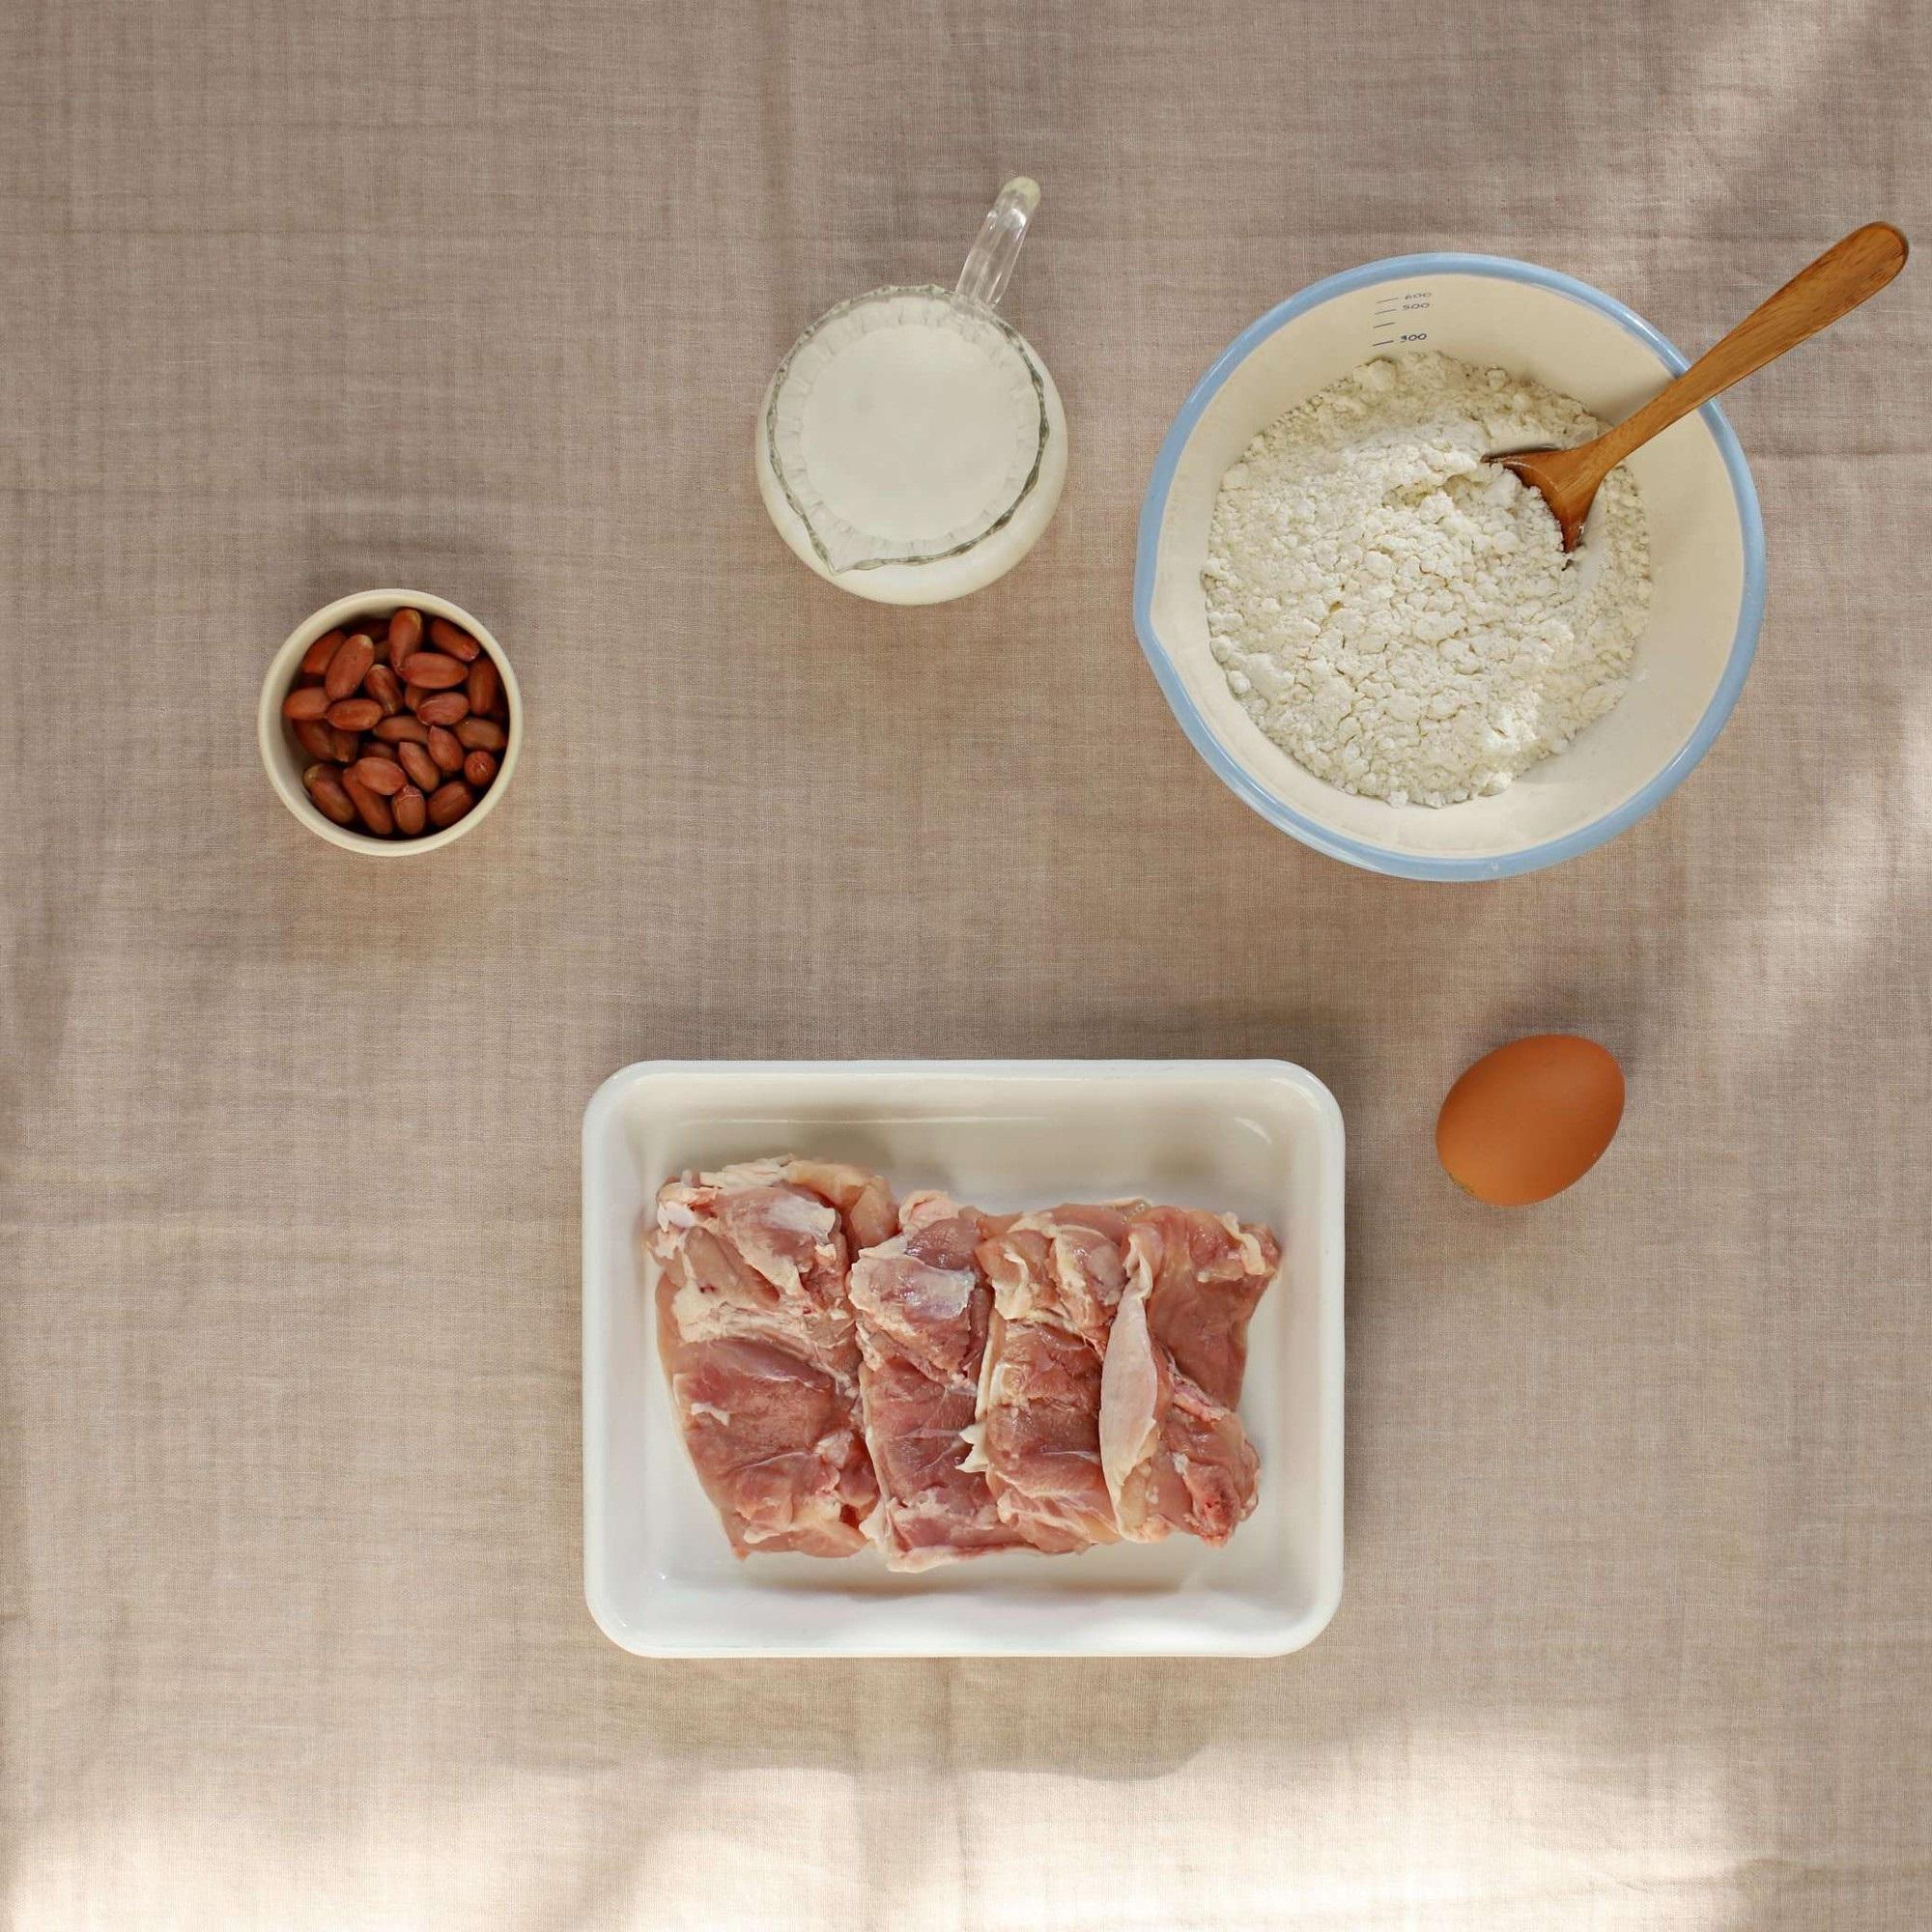 Không phải mất tiền khi đi ăn gà chiên nước tương kiểu Hàn bên ngoài nữa vì công thức cực chuẩn đây rồi! - Ảnh 1